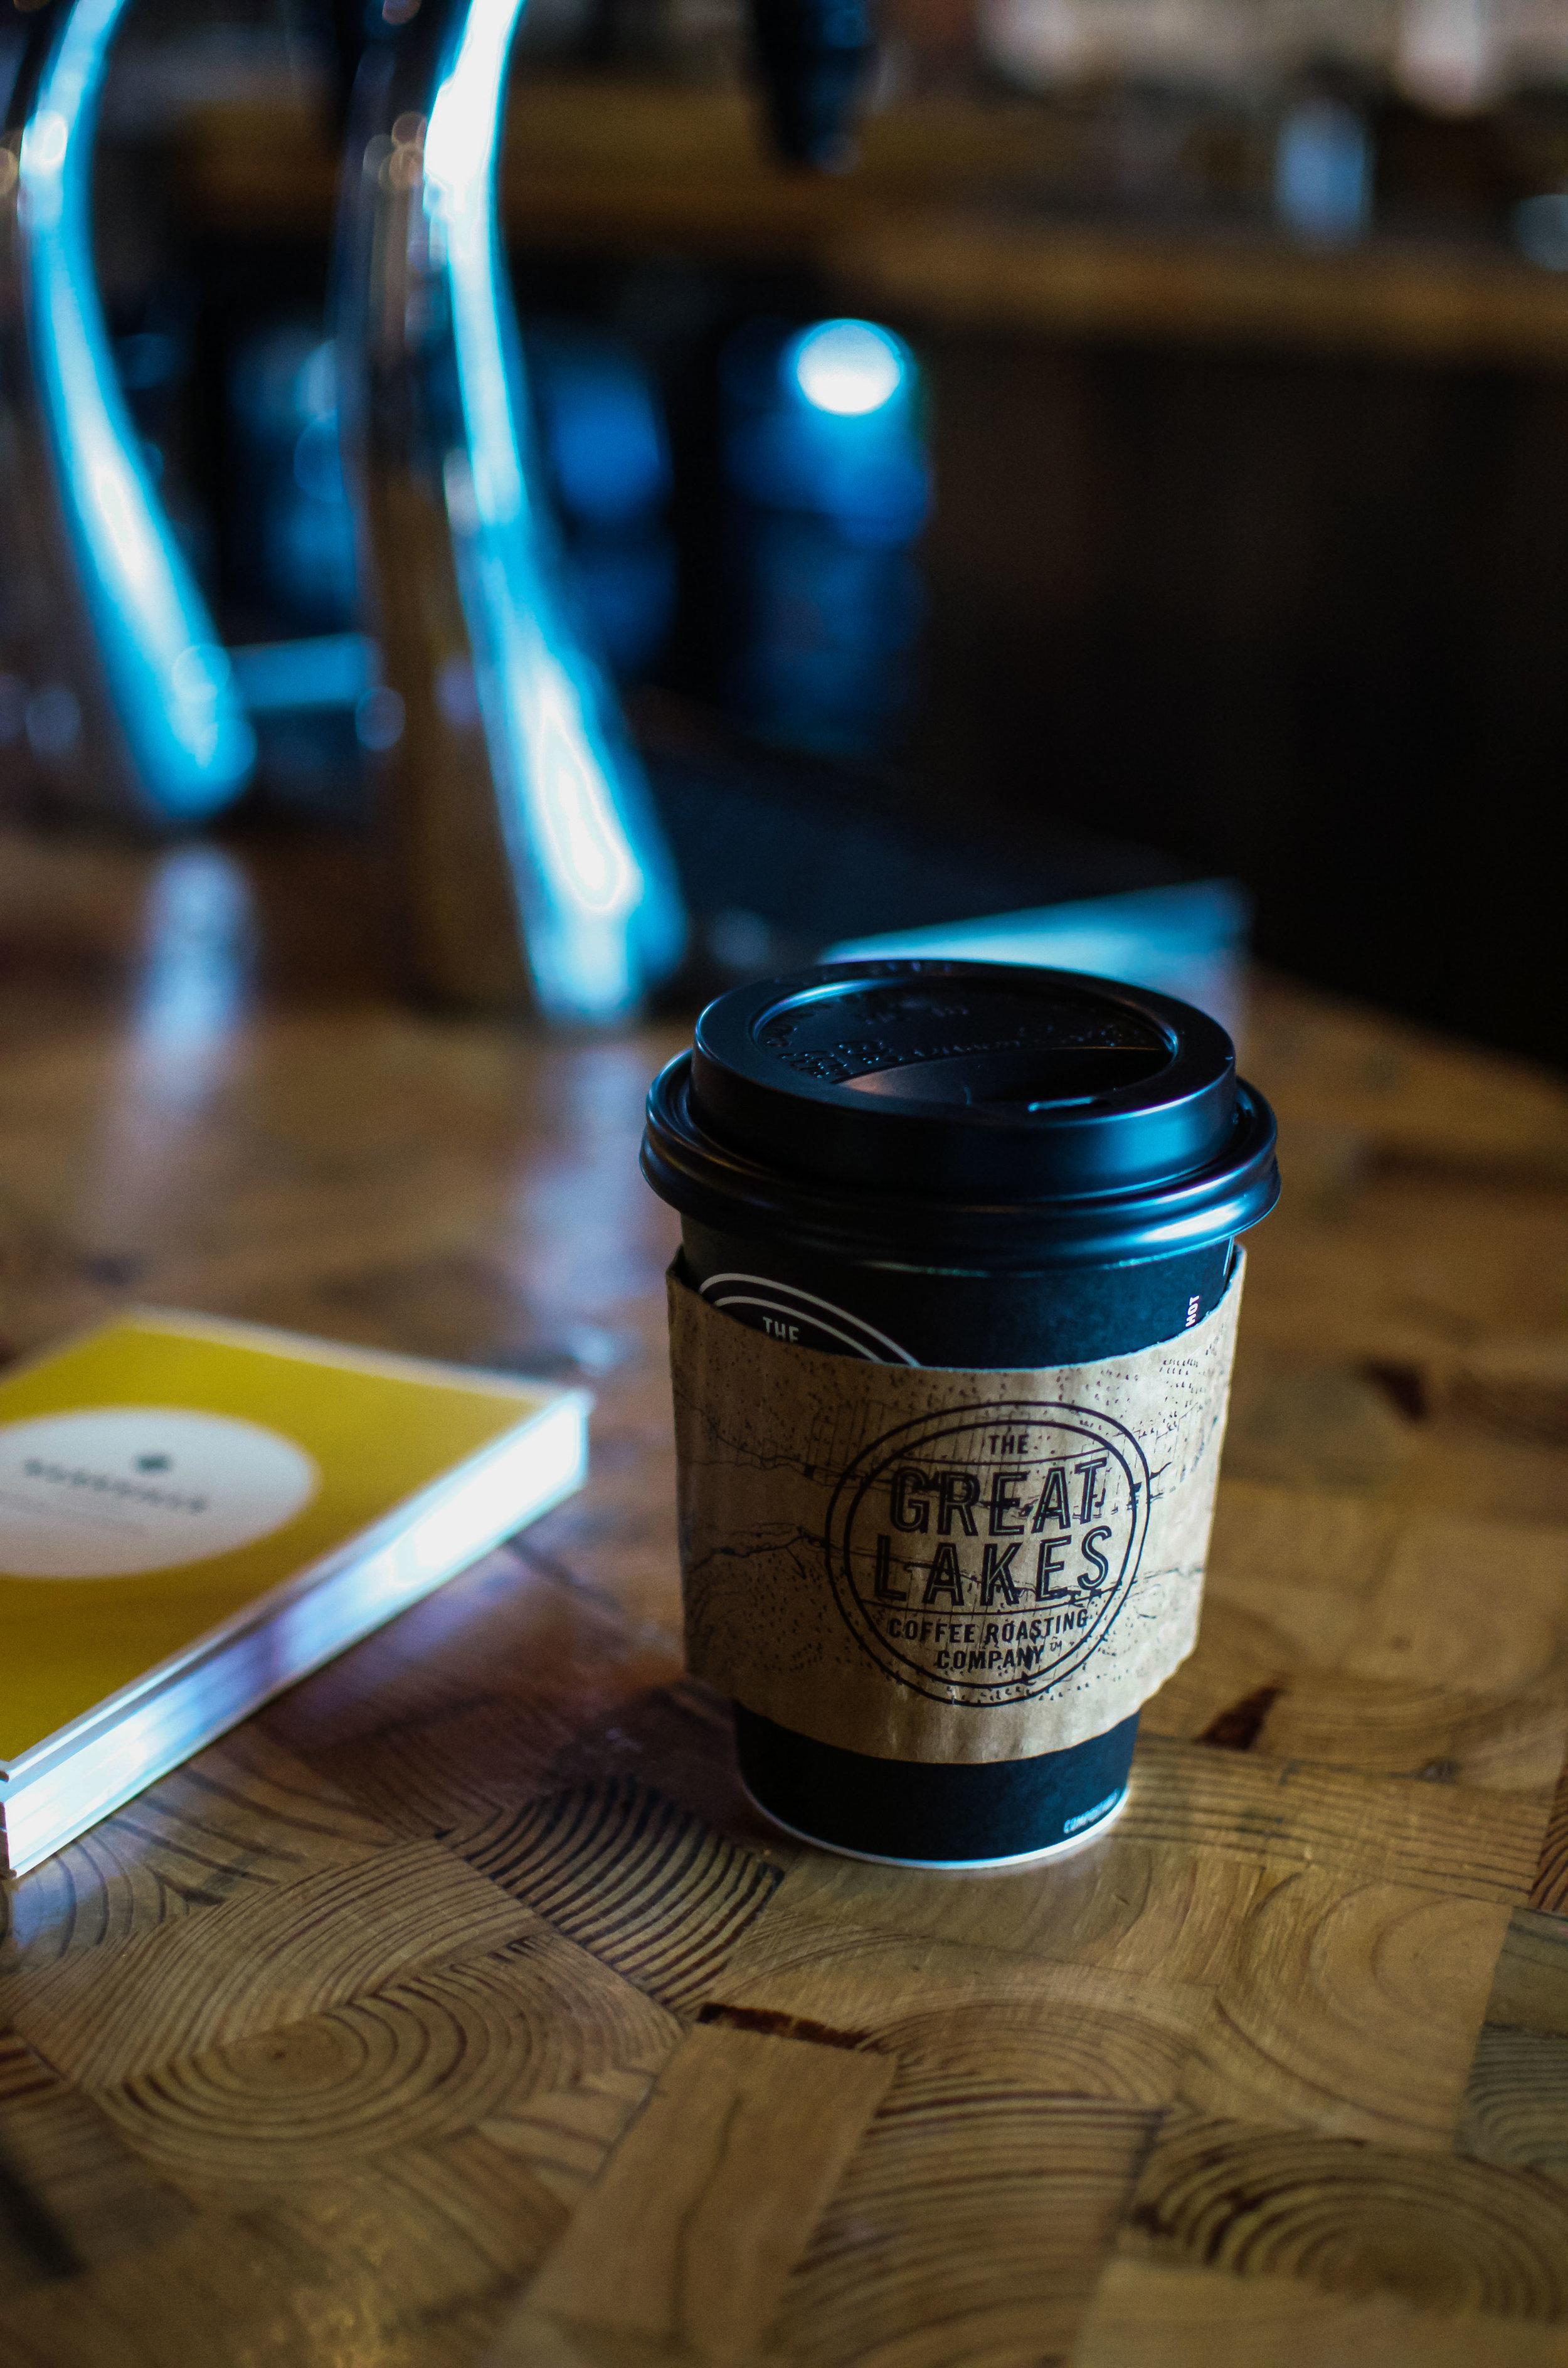 Wendling_Boyd_Coffee_Guide_Great_Lakes_Coffee_Detroit-7.jpg